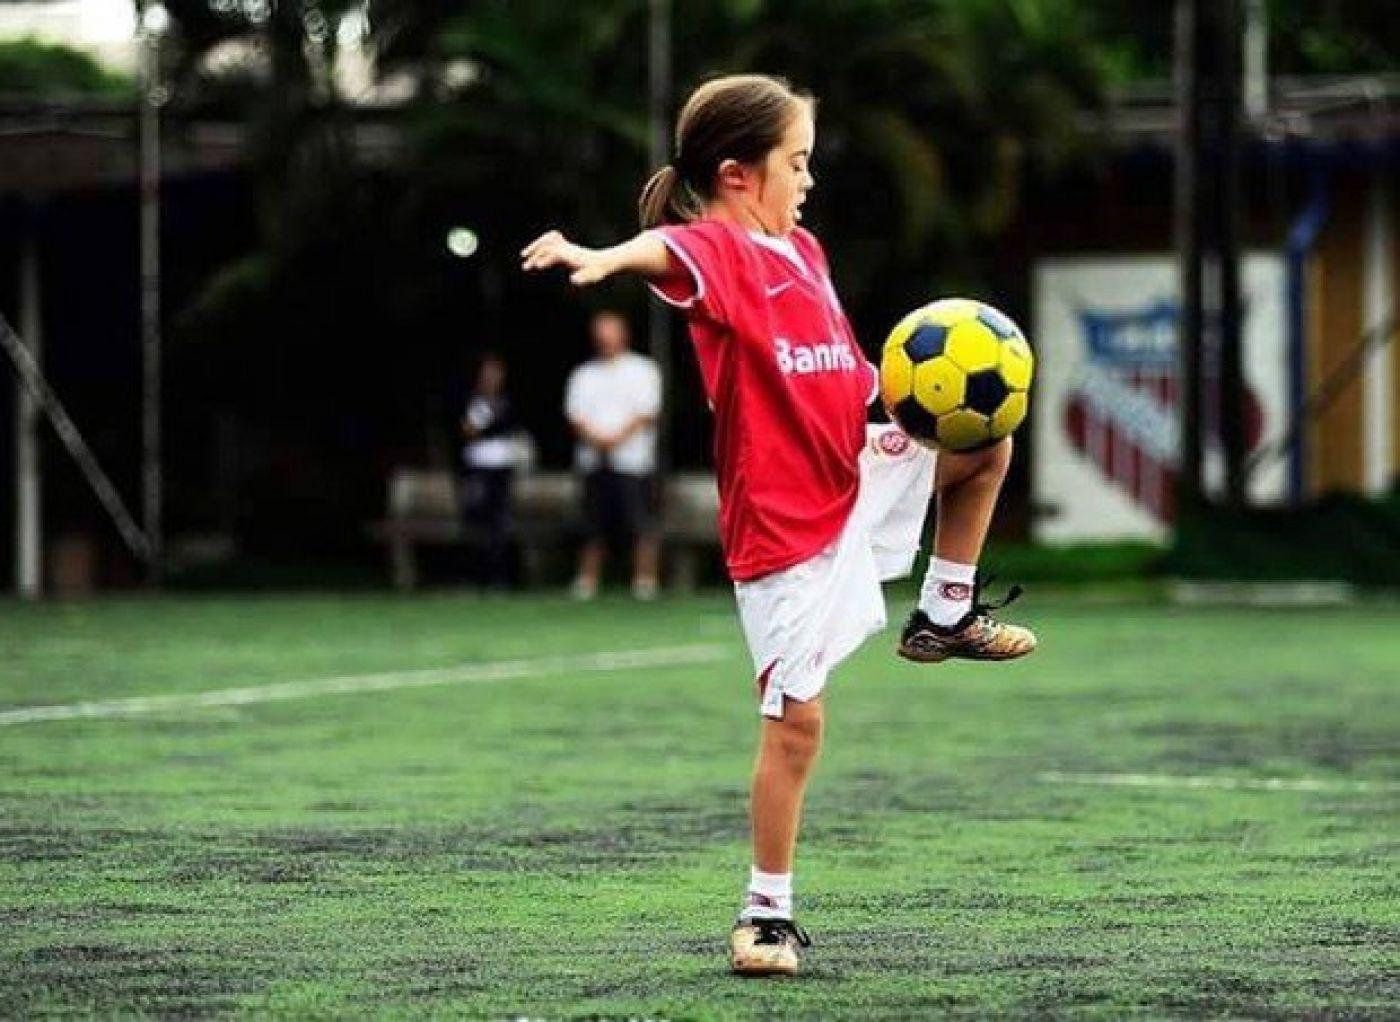 Gabriela adora jogar futebol (Foto: Arquivo pessoal)